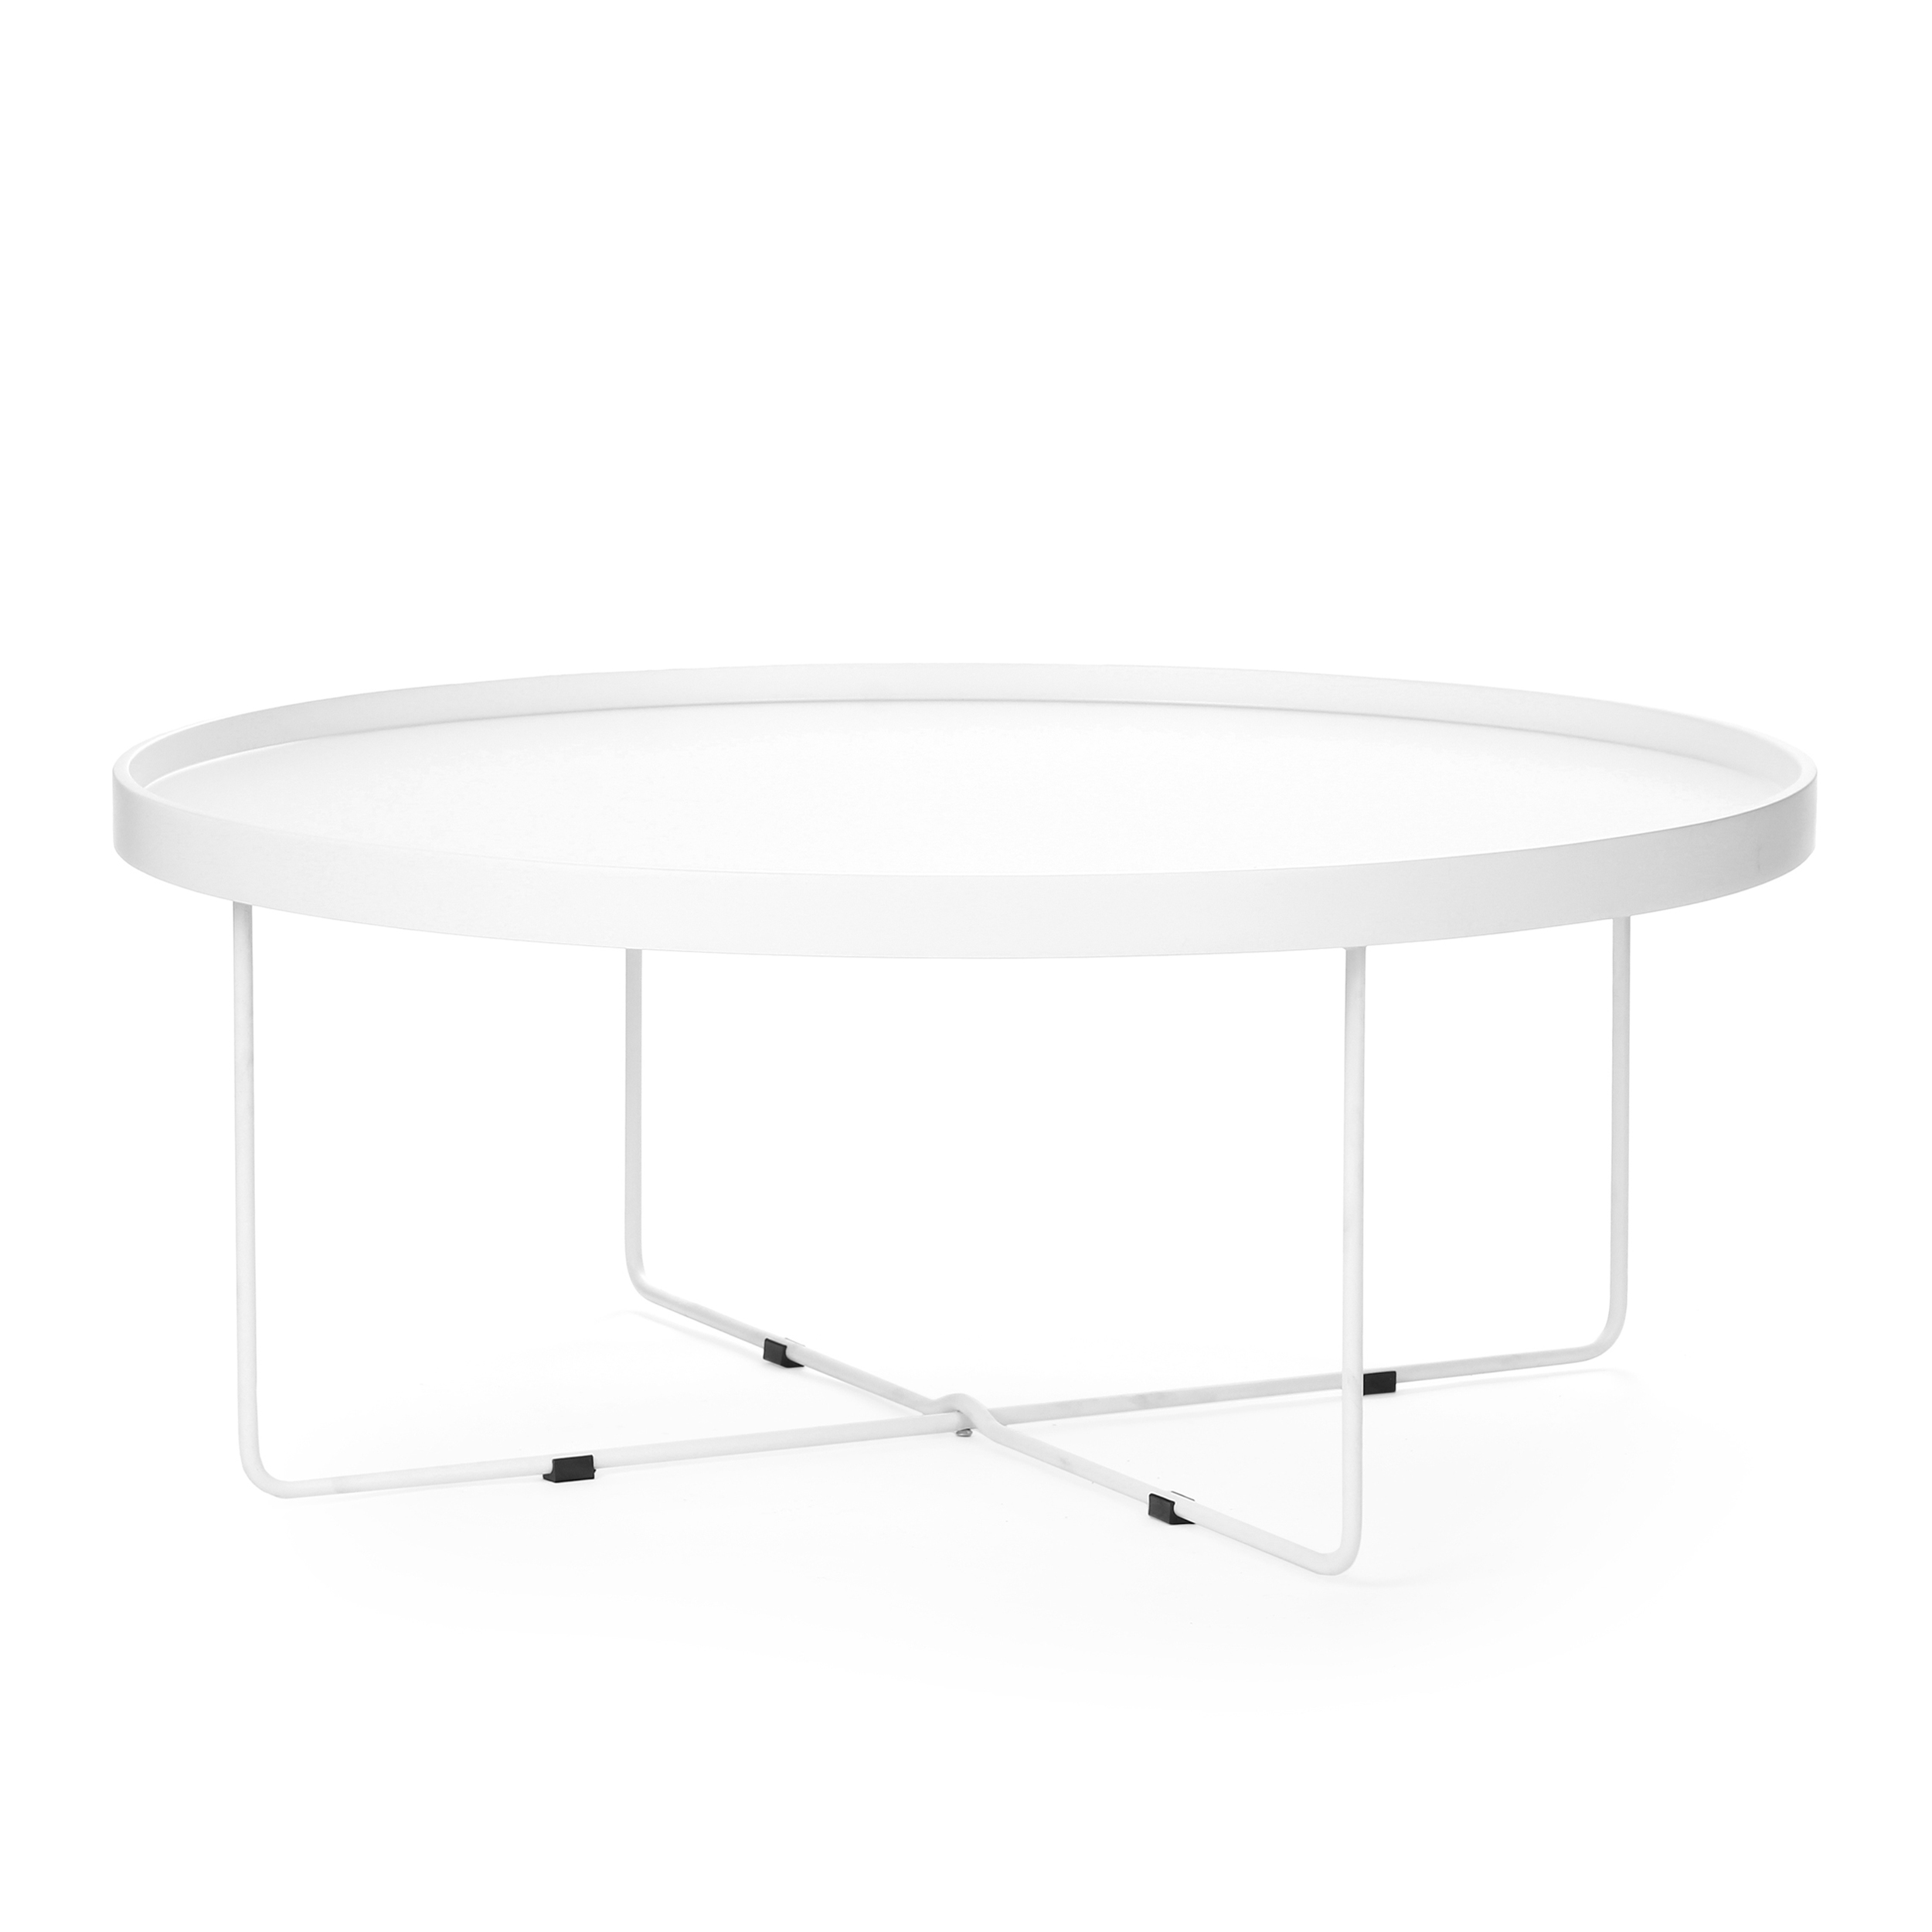 Кофейный стол SparkleКофейные столики<br>Дизайнерский большой легкий кофейный стол Sparkle (Спаркл) на стальных ножках от Cosmo (Космо).<br><br>Кофейный стол Sparkle — предмет, который с легкостью может стать полезным не только в интерьере. Благодаря тому, что он практически невесом, его можно переносить, брать с собой на пикники или в походы. Представьте себе романтическое свидание на берегу живописного озера: щебет птиц, ароматные напитки, свежий воздух... ну и конечно же оригинальный кофейный стол Sparkle! <br> <br> Столешницу Sparkle ...<br><br>stock: 18<br>Высота: 37<br>Диаметр: 90<br>Цвет ножек: Белый<br>Цвет столешницы: Белый<br>Тип материала столешницы: МДФ<br>Тип материала ножек: Сталь